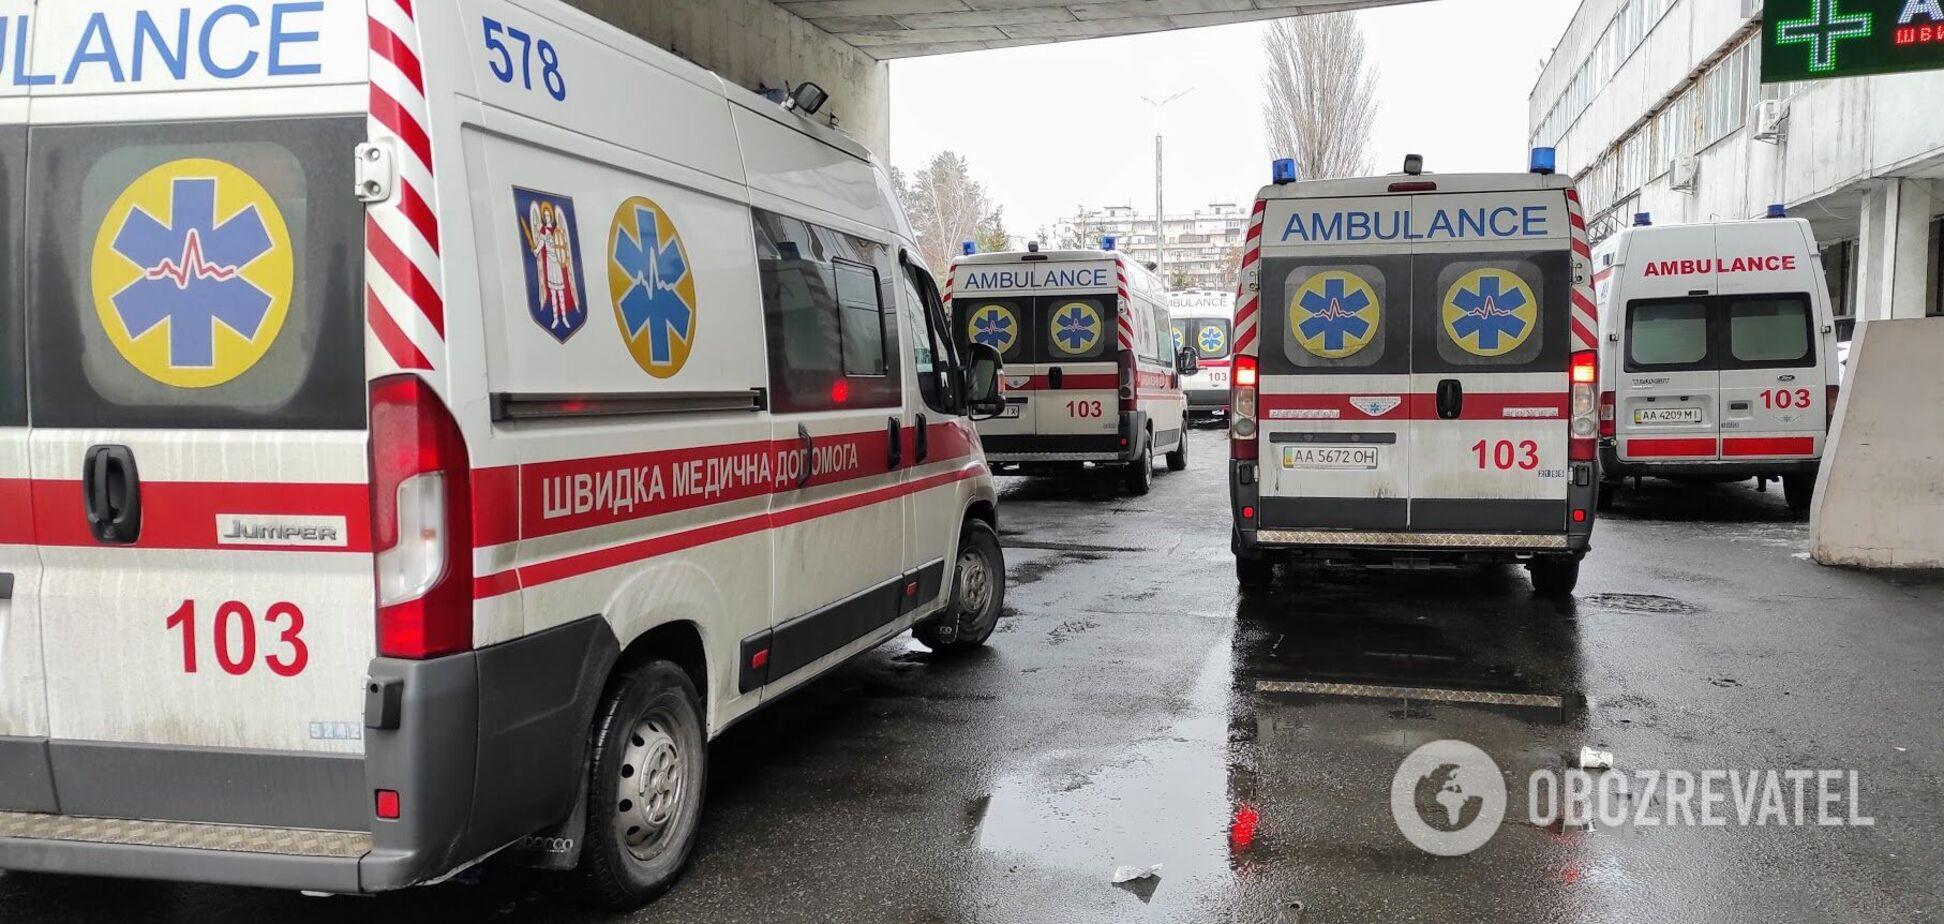 Во время родов у киевлянки возникли проблемы